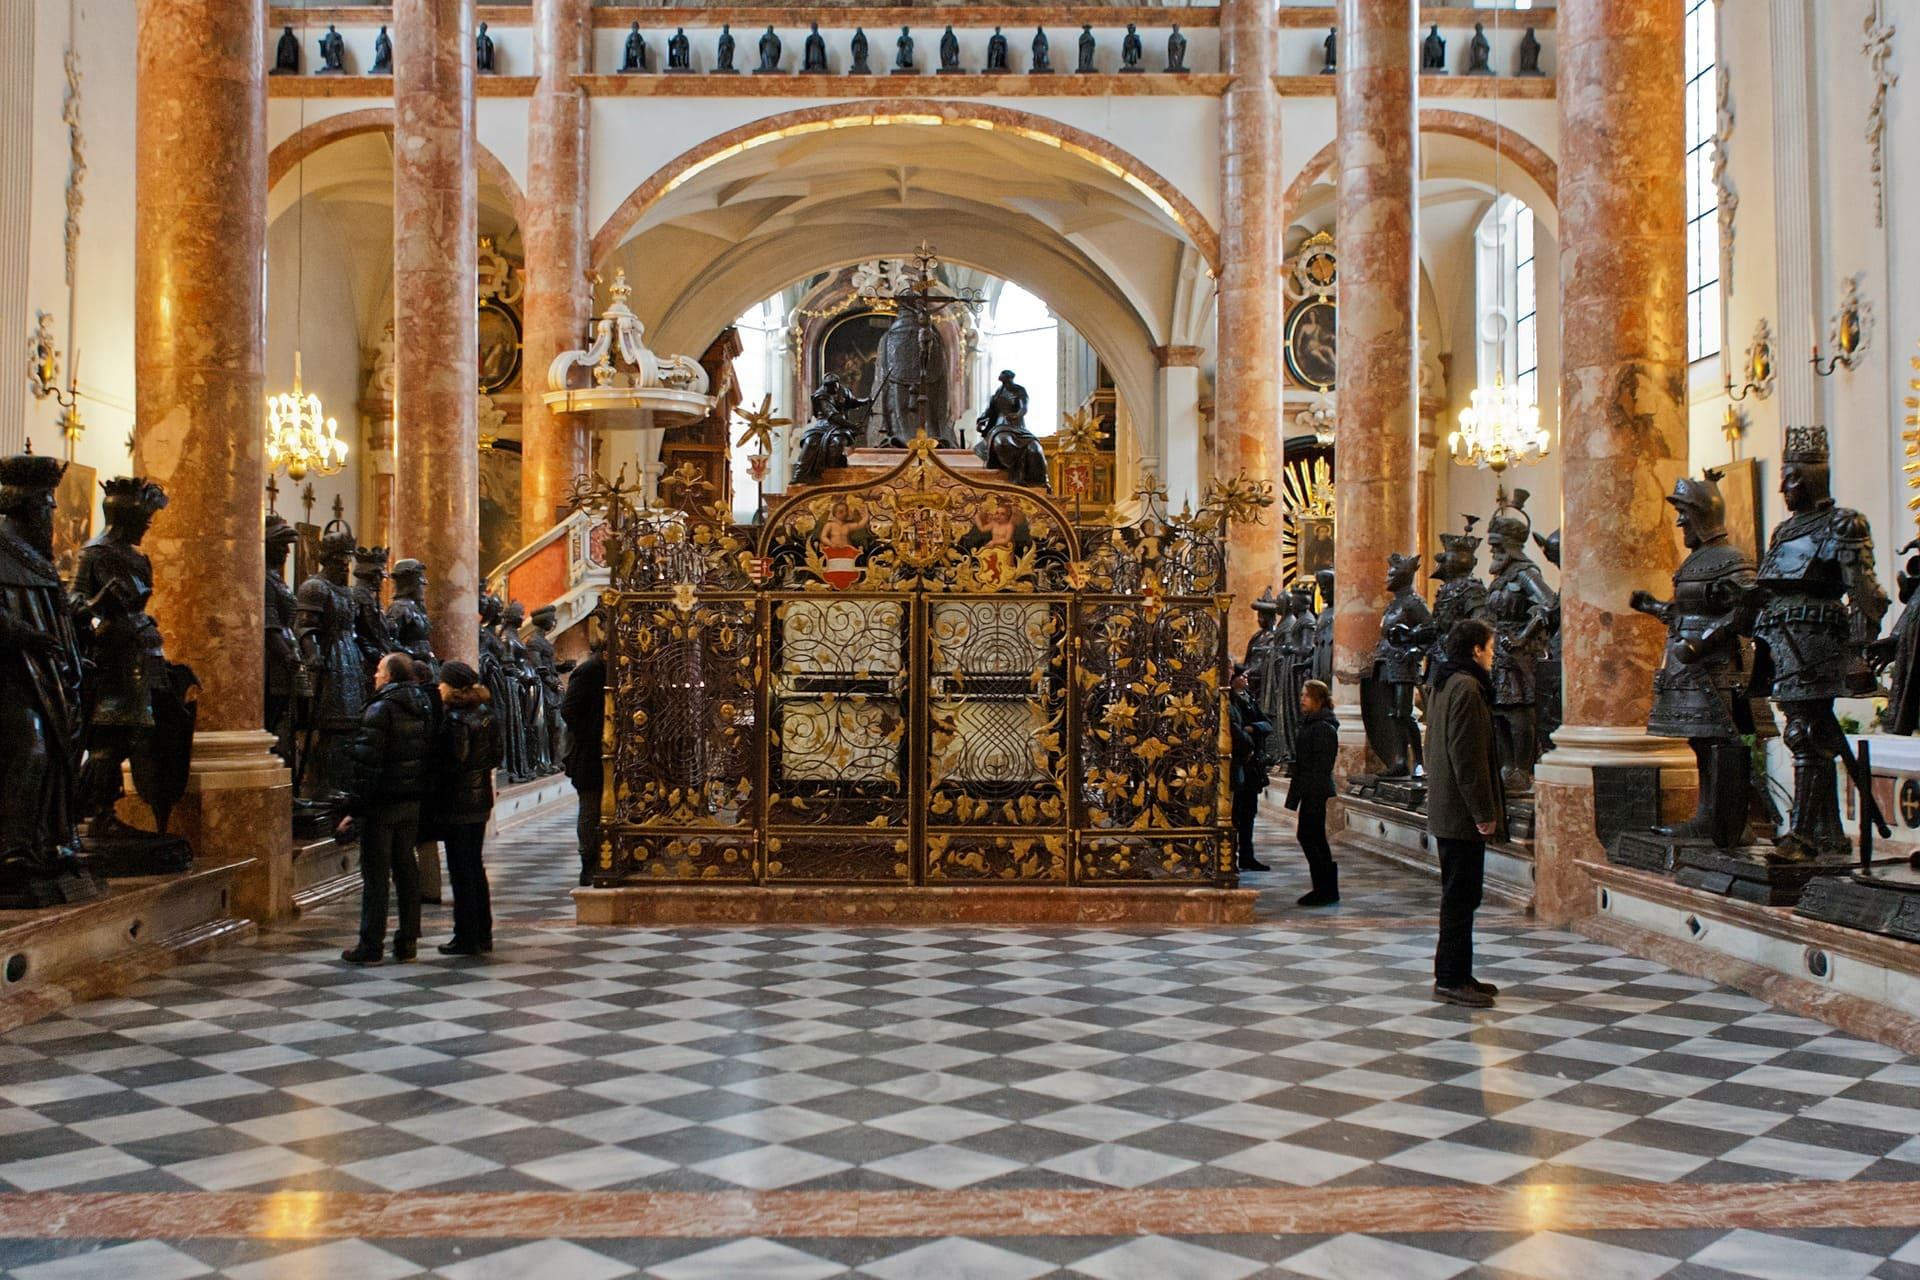 Chiesa di Corte - Innsbruck mausoleo